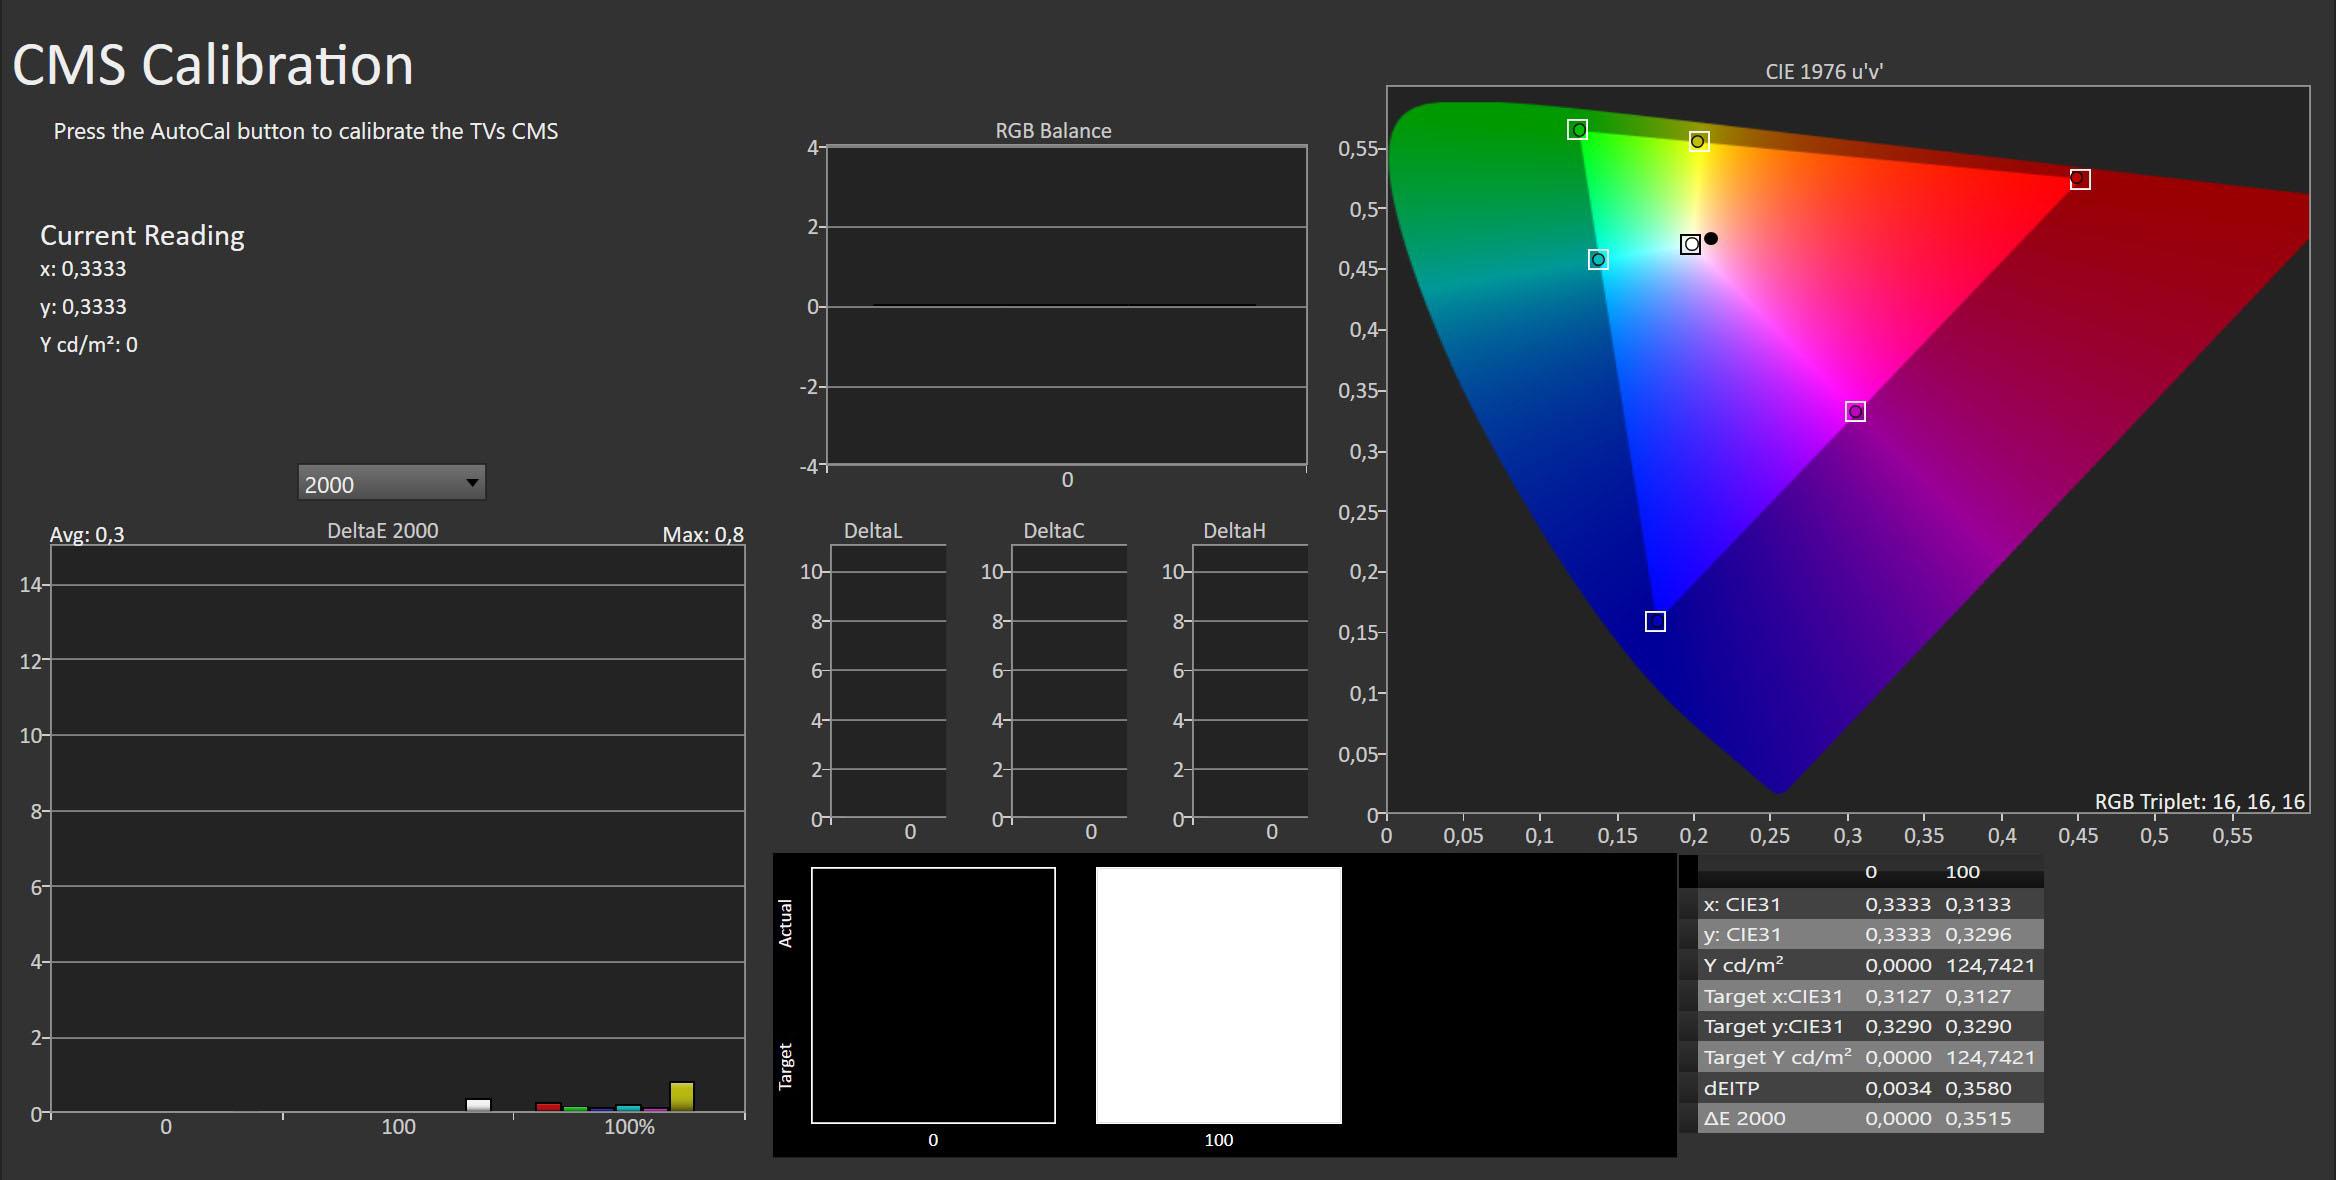 lg oled trasparente 15 20 11 20 - LG OLED Trasparente 55EW5F: l'abbiamo provato e misurato!